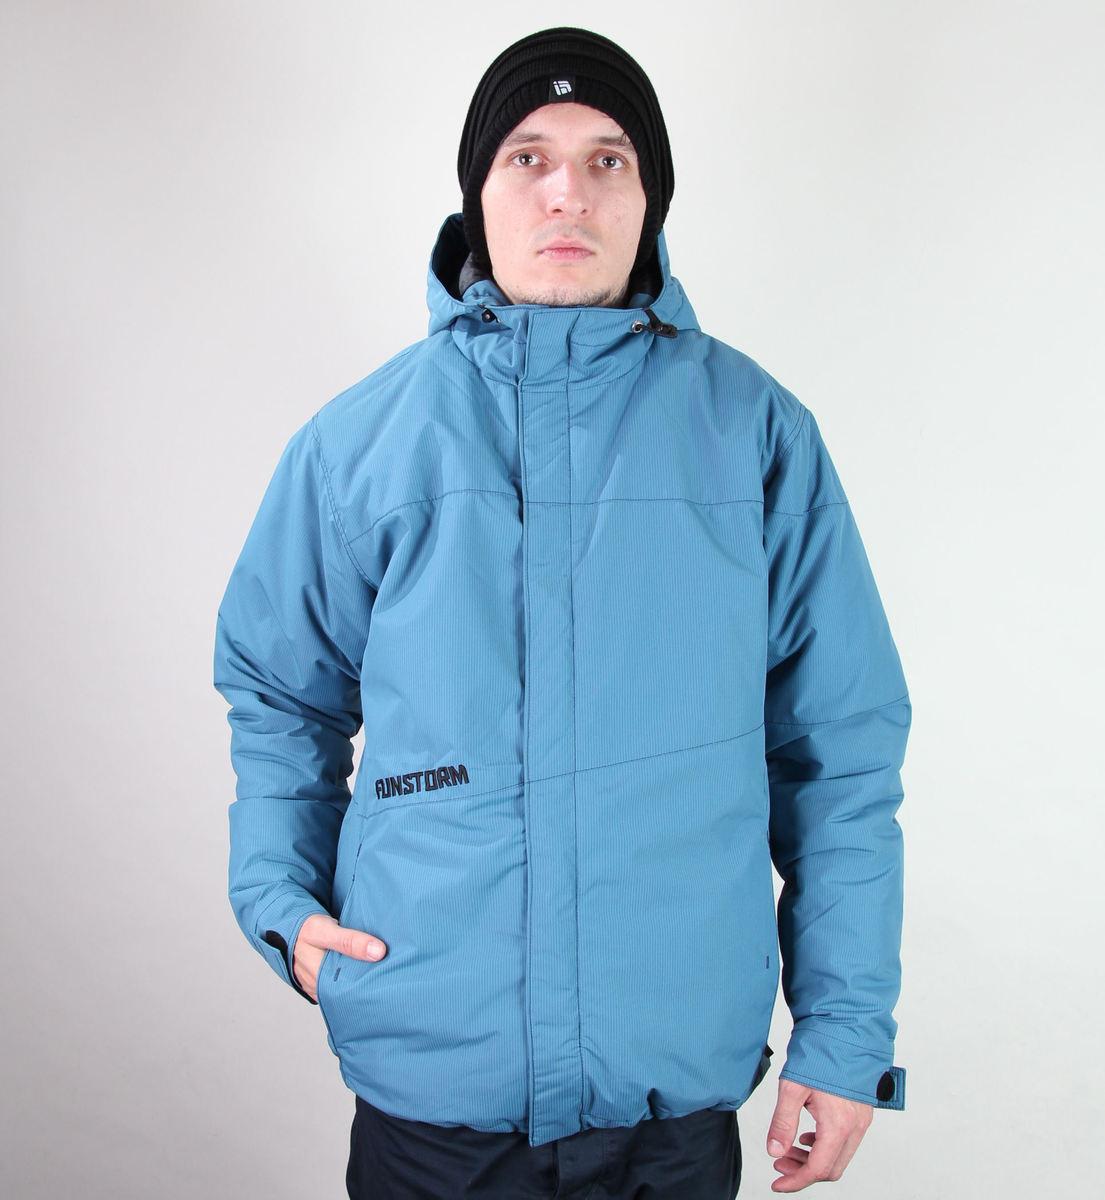 bunda pánská zimní -snb- FUNSTORM - Folum - 15 NAVY